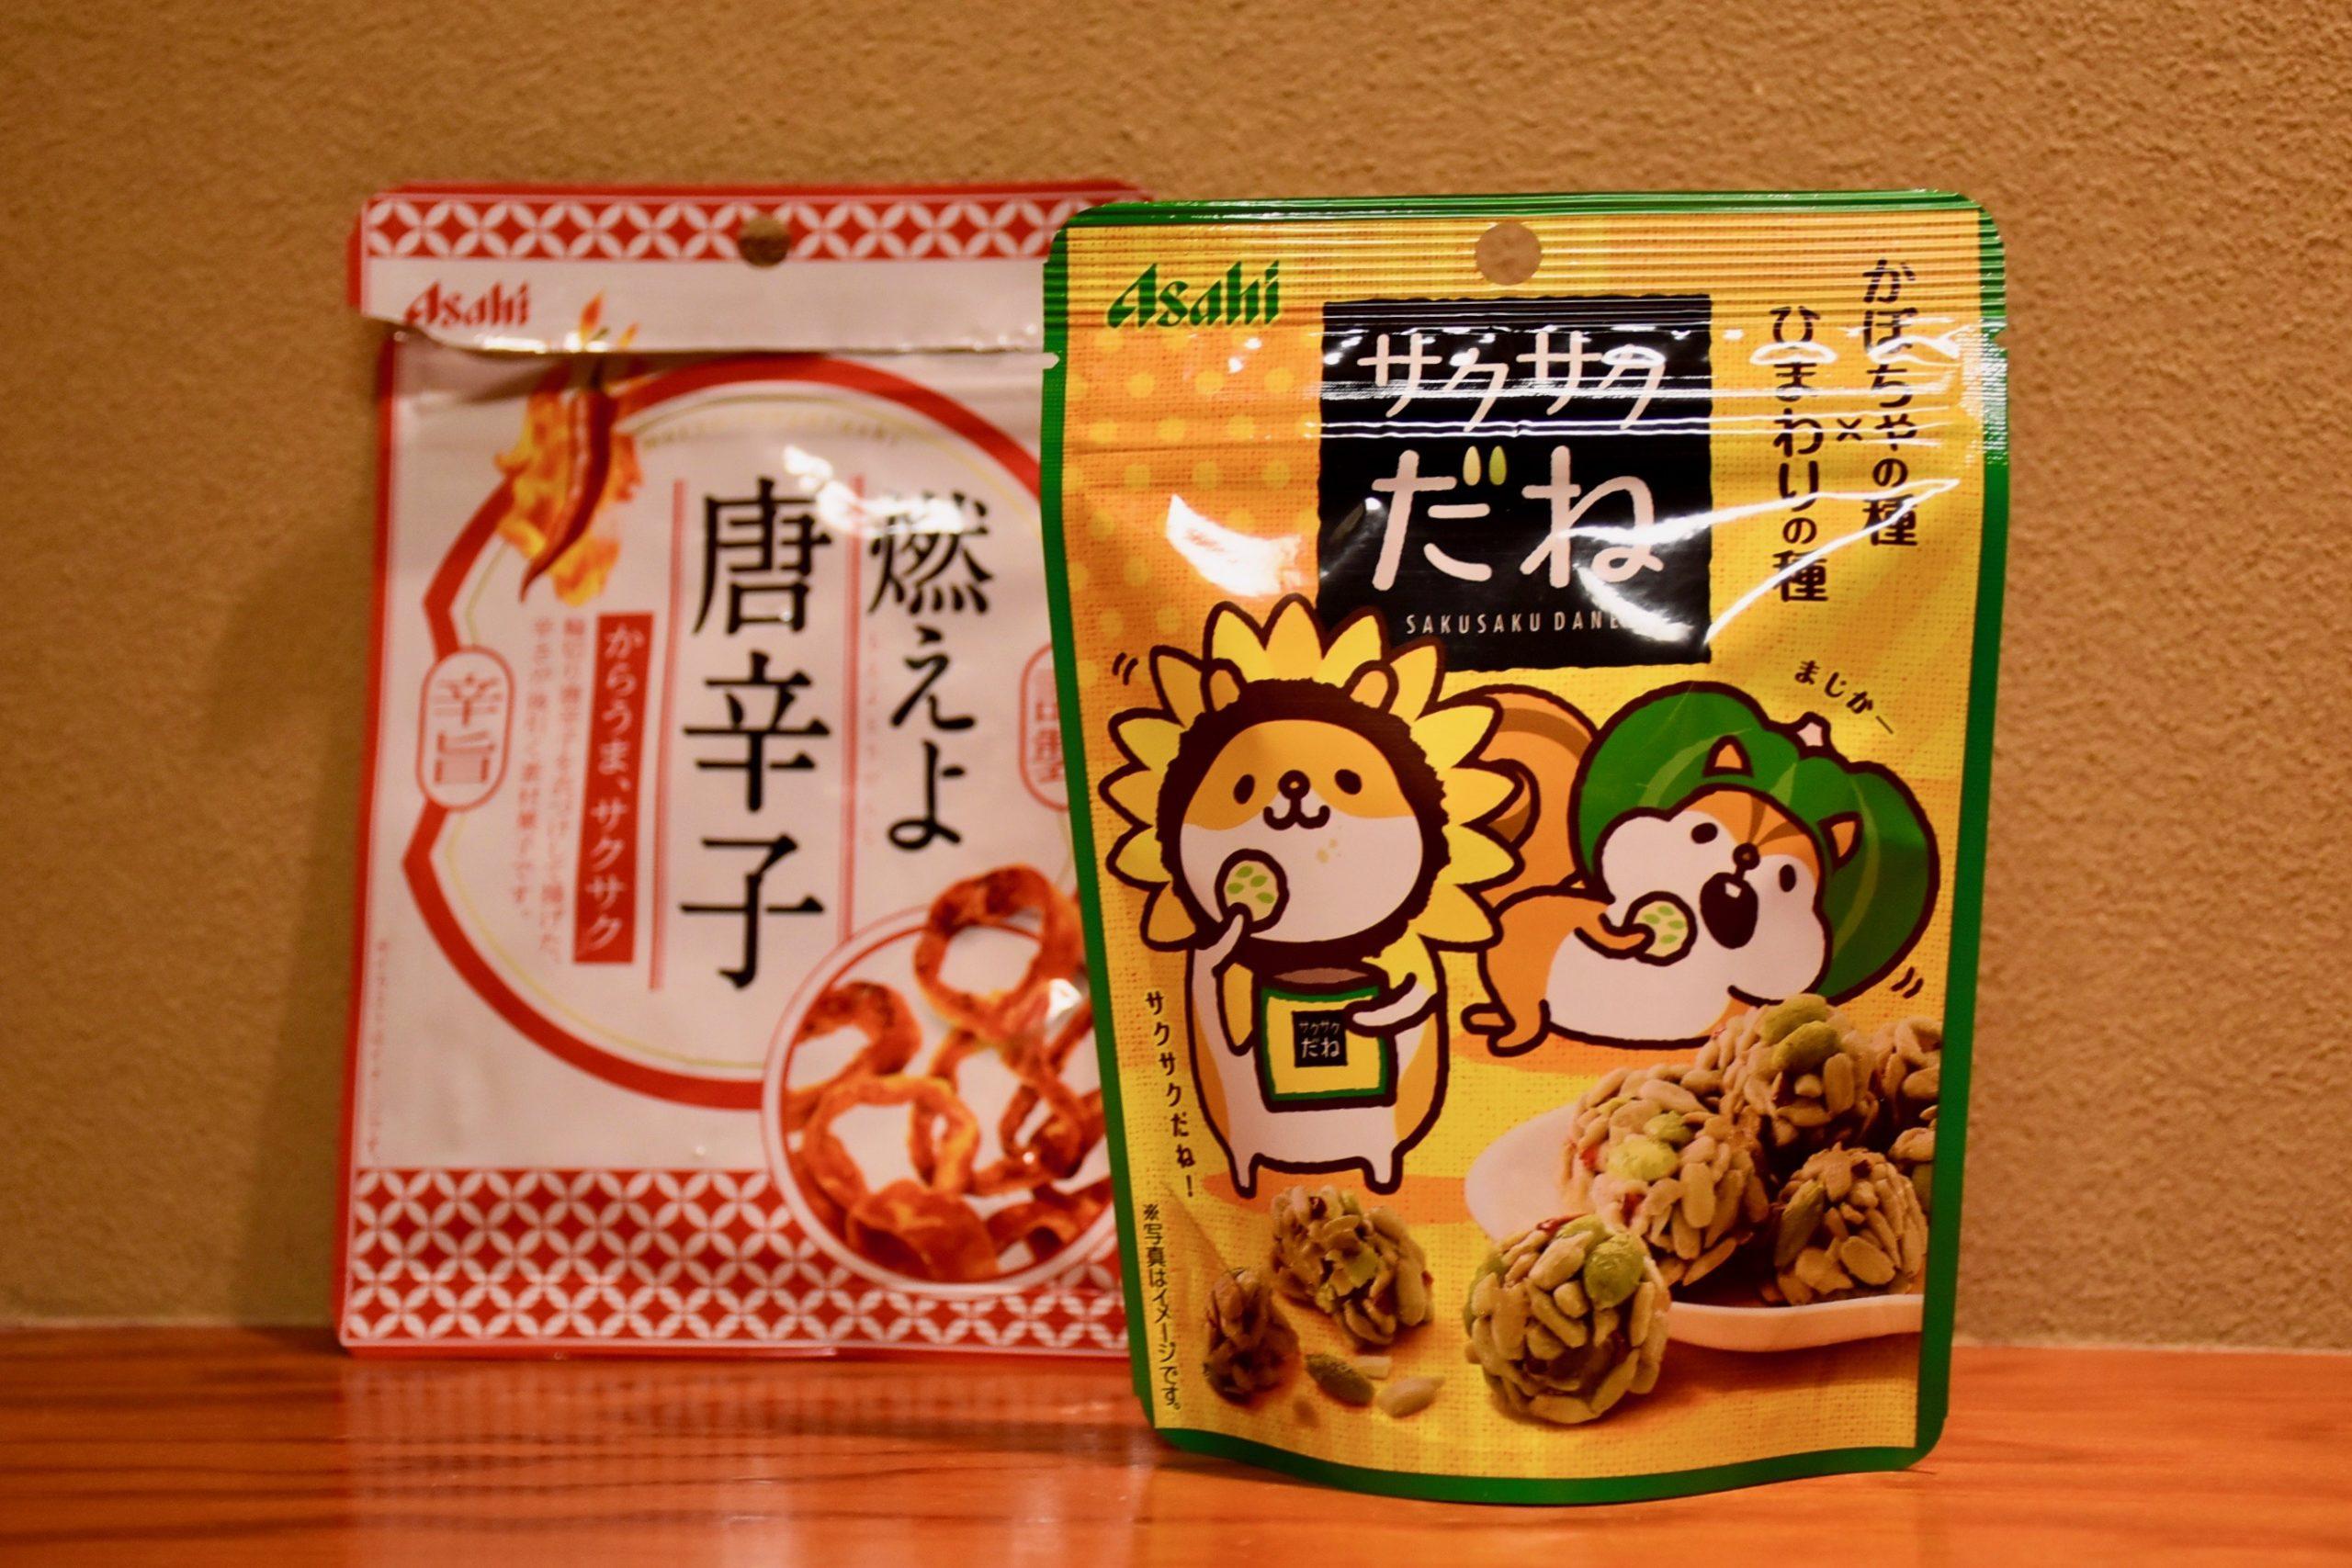 Takayama Gifu Japan Convenience Store Snacks